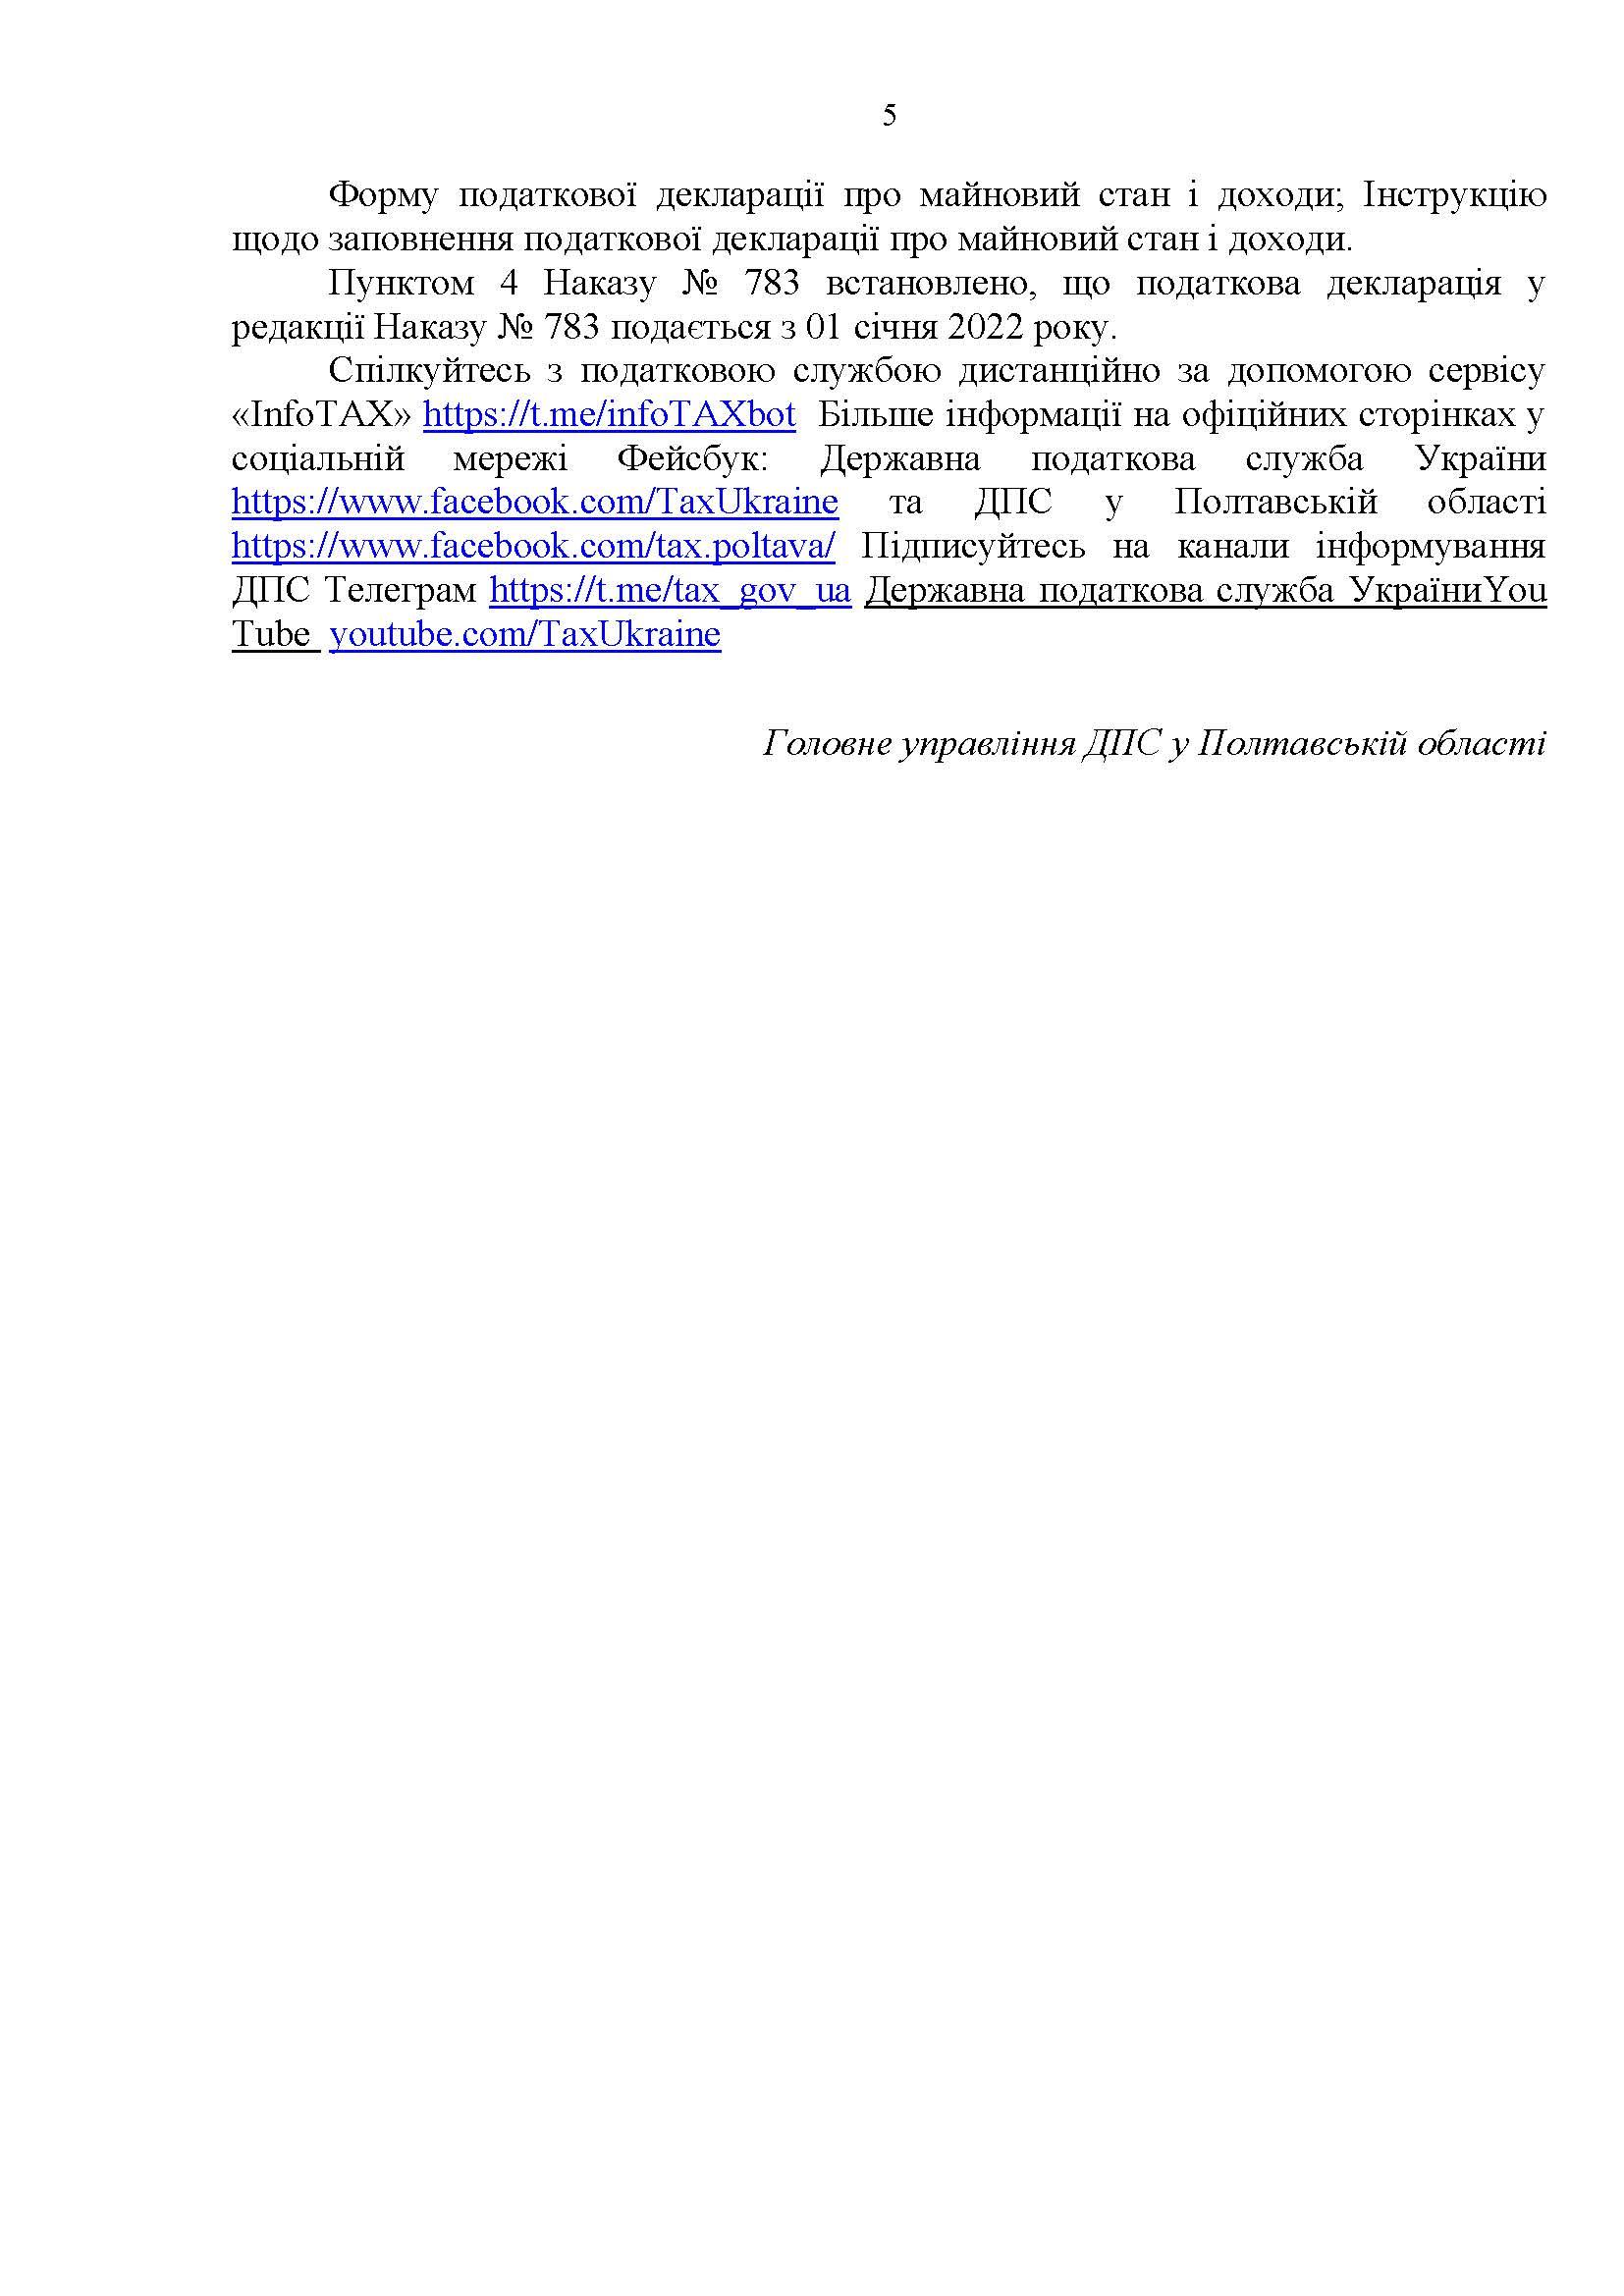 Info_21.04.2021 (1)_Страница_5